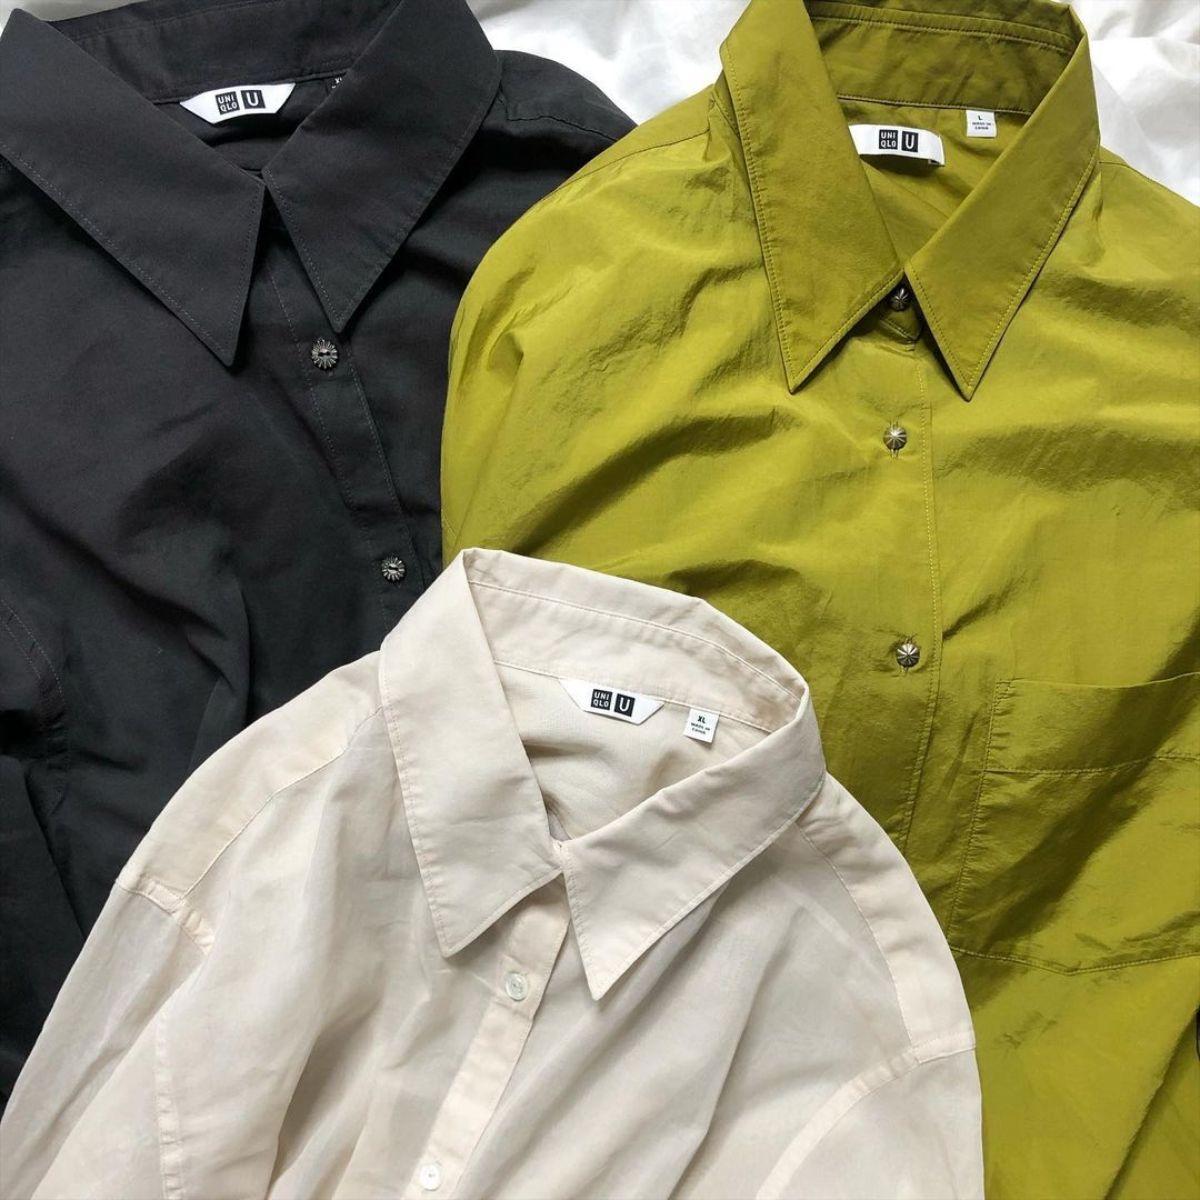 【ユニクロユー】数ある春シャツの中で1番に出会えたかも。「ダブルポケットオーバーシャツ」が見逃せません